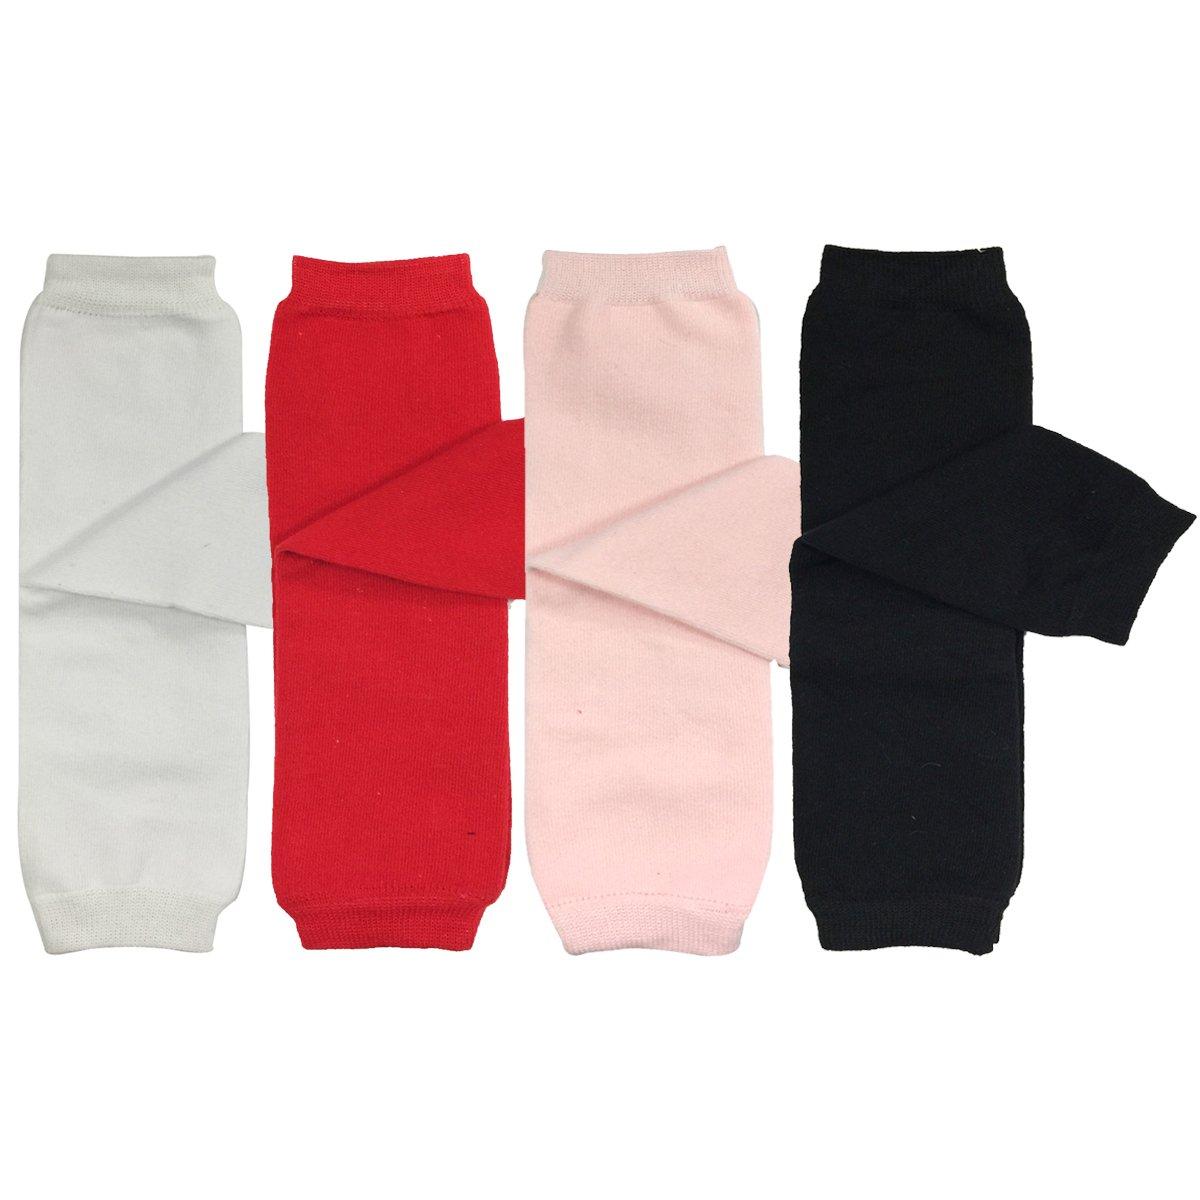 ALLYDREW 4 Pack Baby Leg Warmer Set & Toddler Leg Warmer Set for Boys & Girls Purple Blue Red) P70627